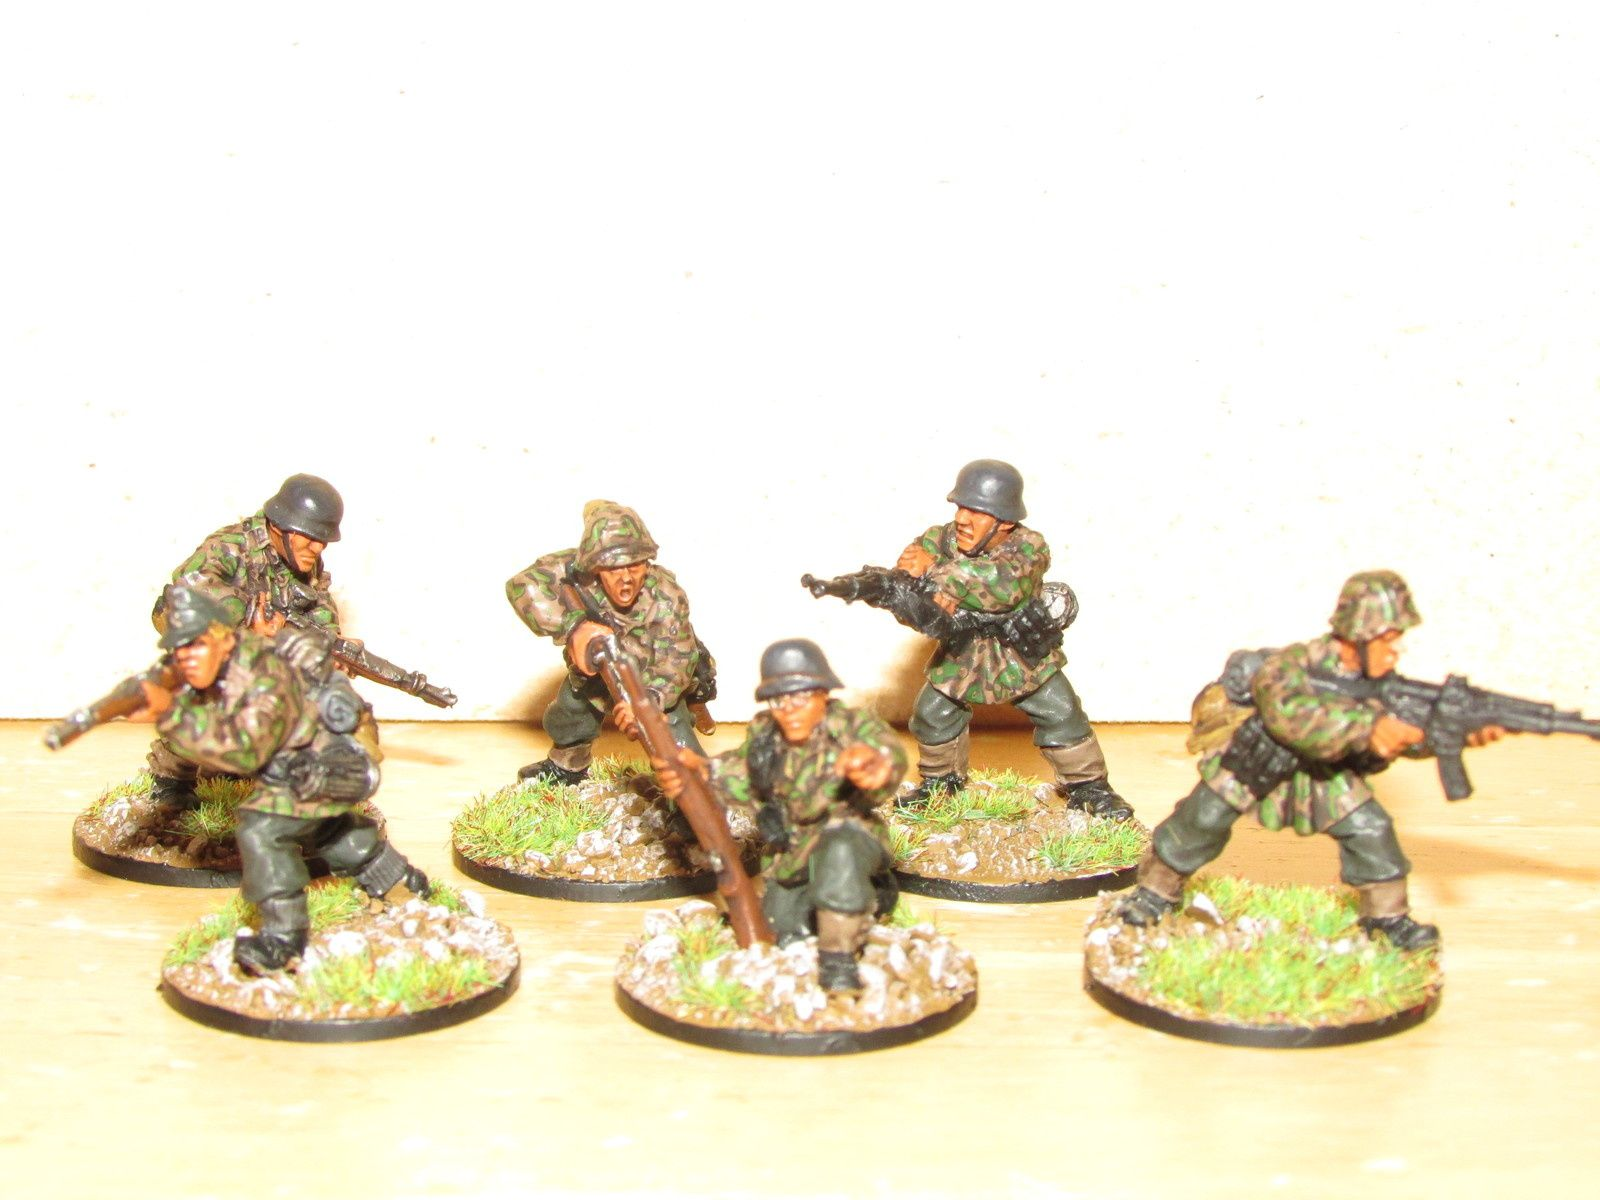 La première squad de waffen SS, je ne n'ai pas pu attendre la deuxième pour la partager, voila donc Yourgen et ses potos qui partent en guerre.